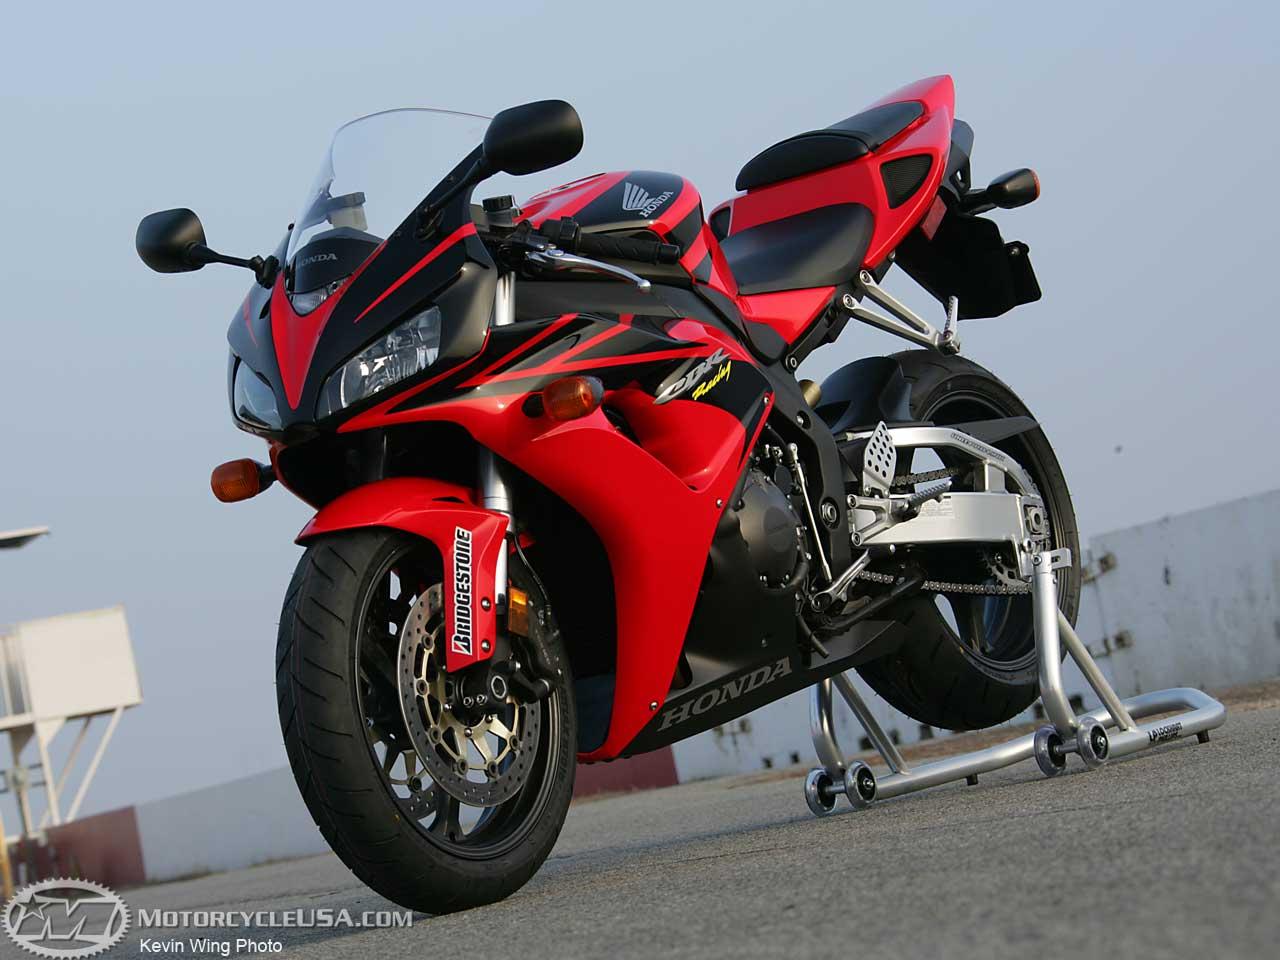 Fotos de Motos: Fotos da Moto honda cbr1000rr